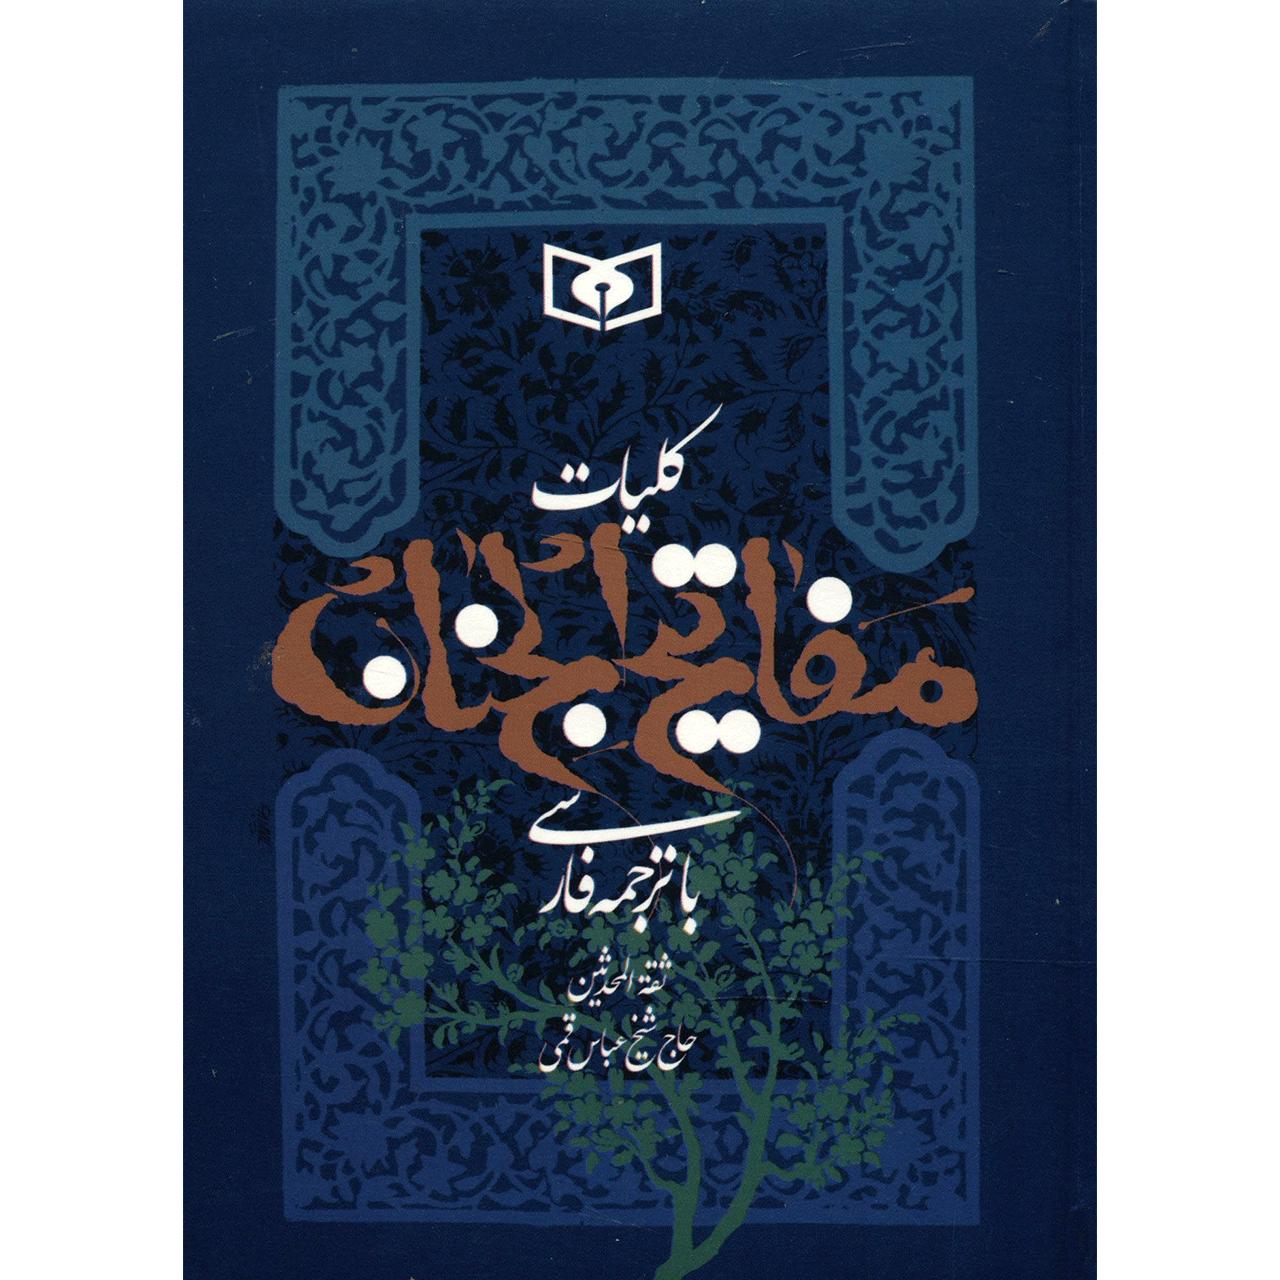 کتاب کلیات مفاتیح الجنان اثر شیخ عباس قمی